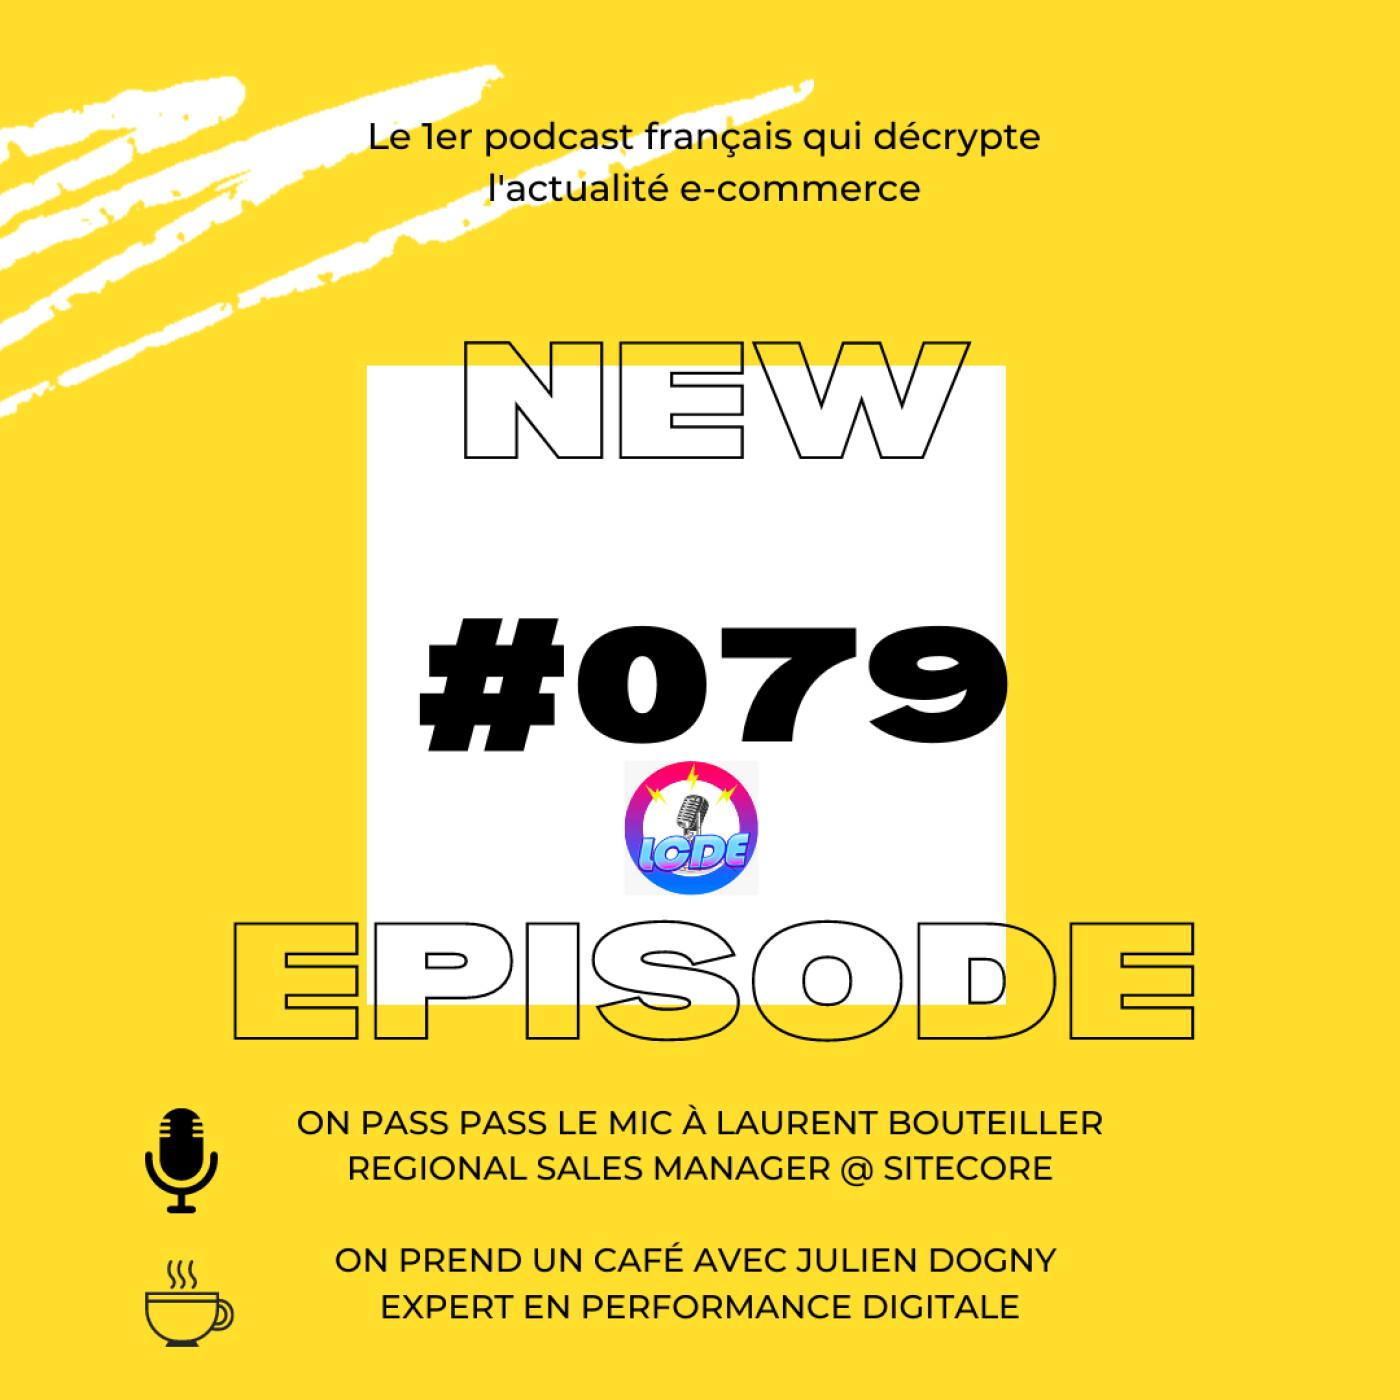 079 - Amazon lance un salon de coiffure, Laurent Bouteiller et contenu ecommerce, Julien Dogny et PWA,...